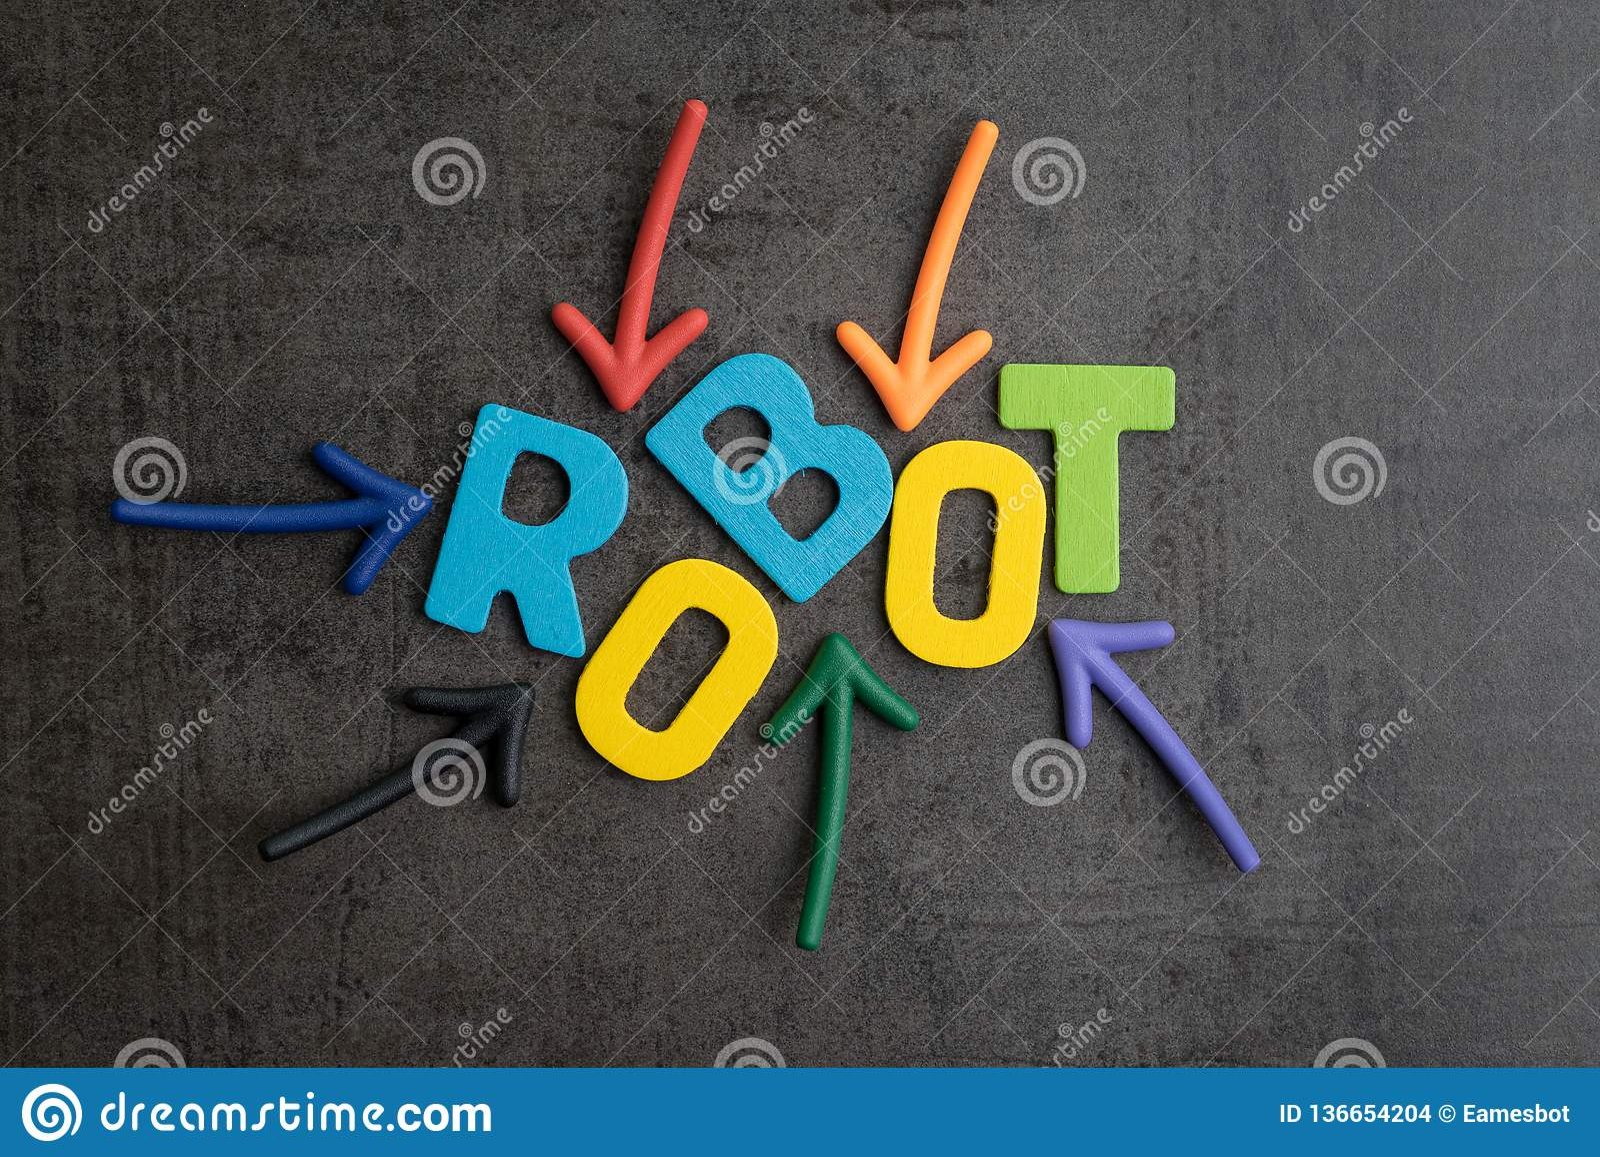 Robot of kunstmatige intelligentieconcept, veelvoudige pijl die aan kleurrijke alfabetten richten die de woordrobot bouwen op zwa